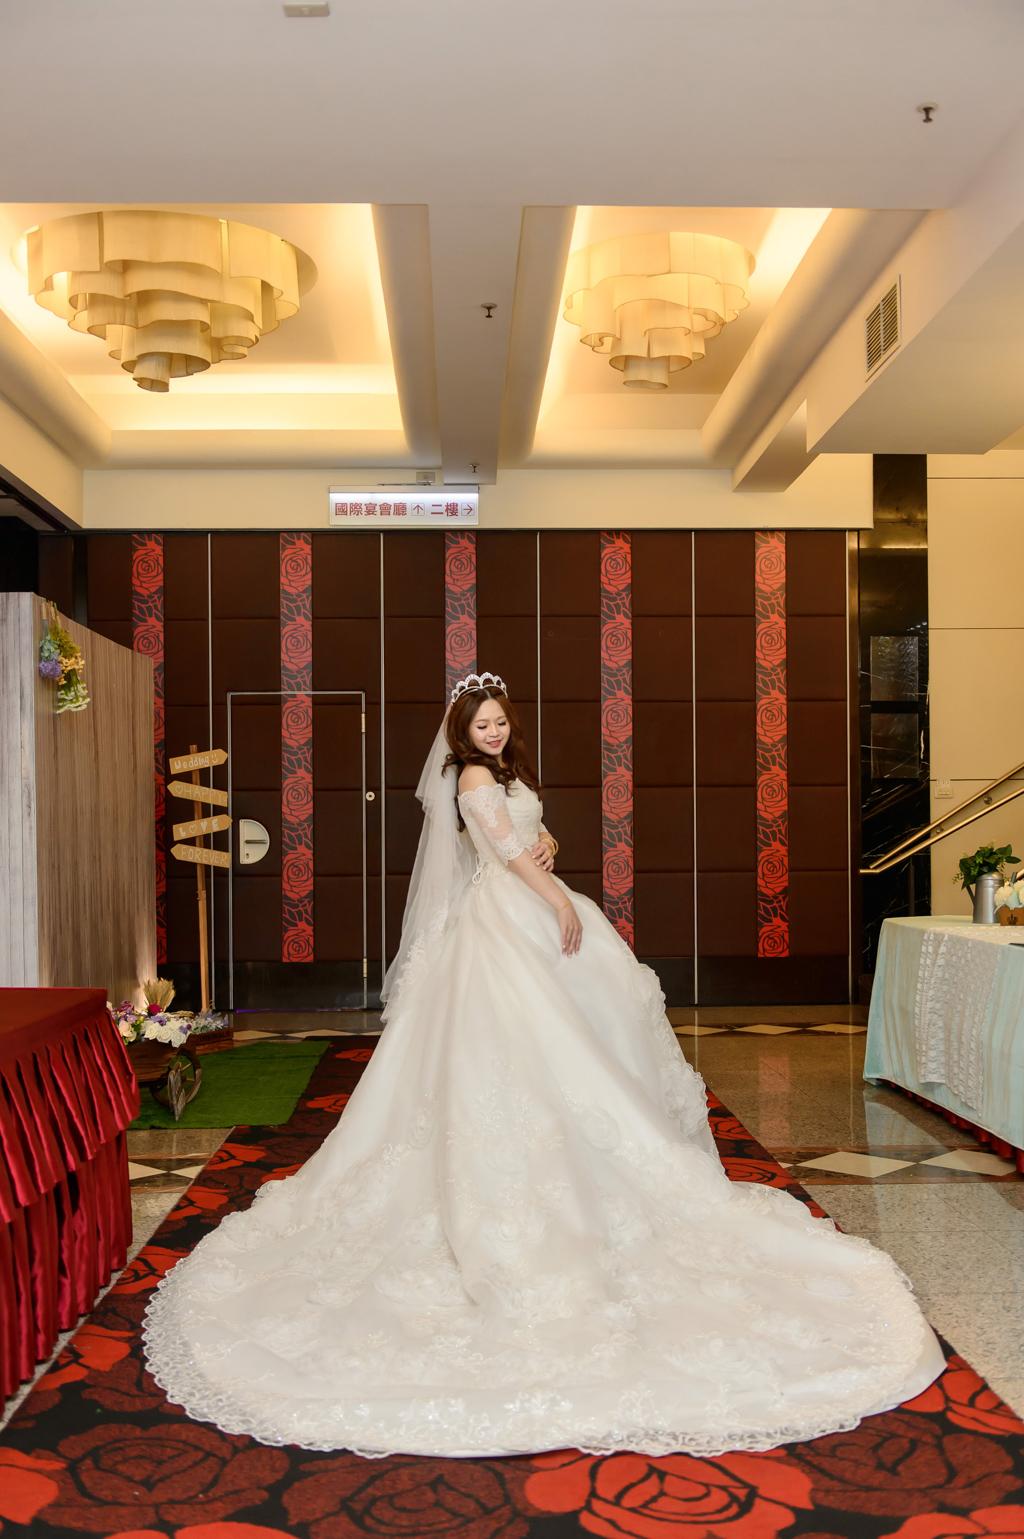 婚攝小勇,小寶團隊, 華麗雅緻, 華麗雅緻婚宴, 華麗雅緻婚攝, 新竹婚攝, Raeka, wedding day-074